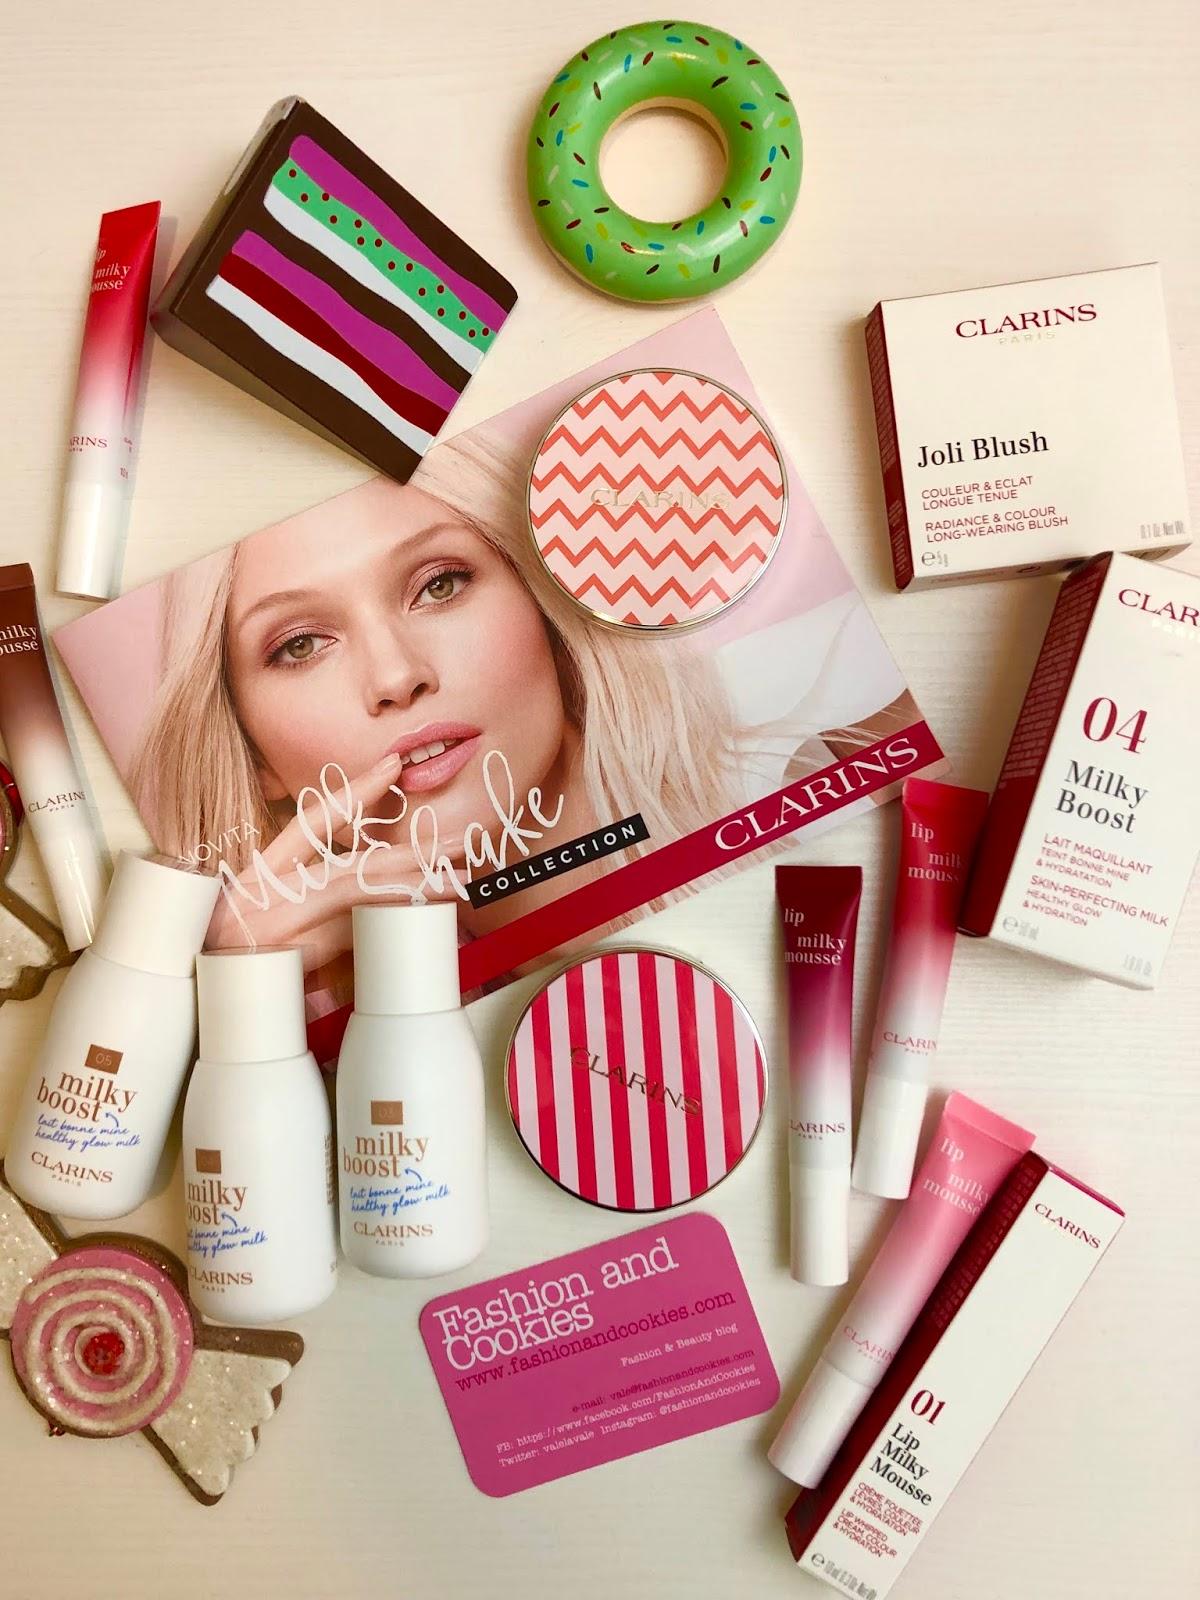 Collezione Clarins MilkShake per la Primavera 2020: perché sceglierla